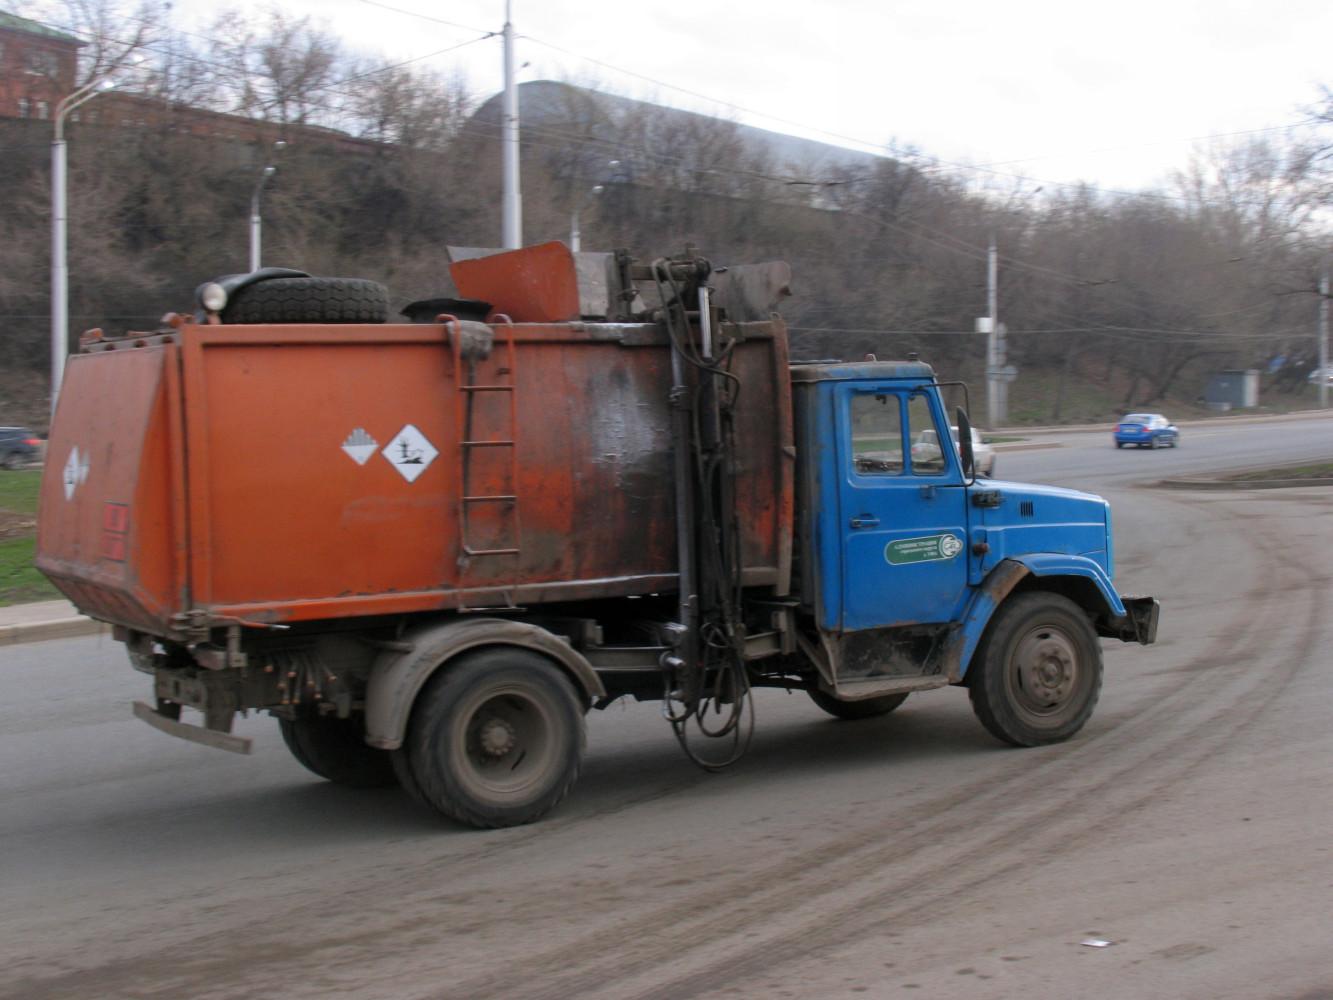 мусоровоз КО-440-4 на шасси ЗиЛ-4331*. г. Уфа, ул. им. города Галле